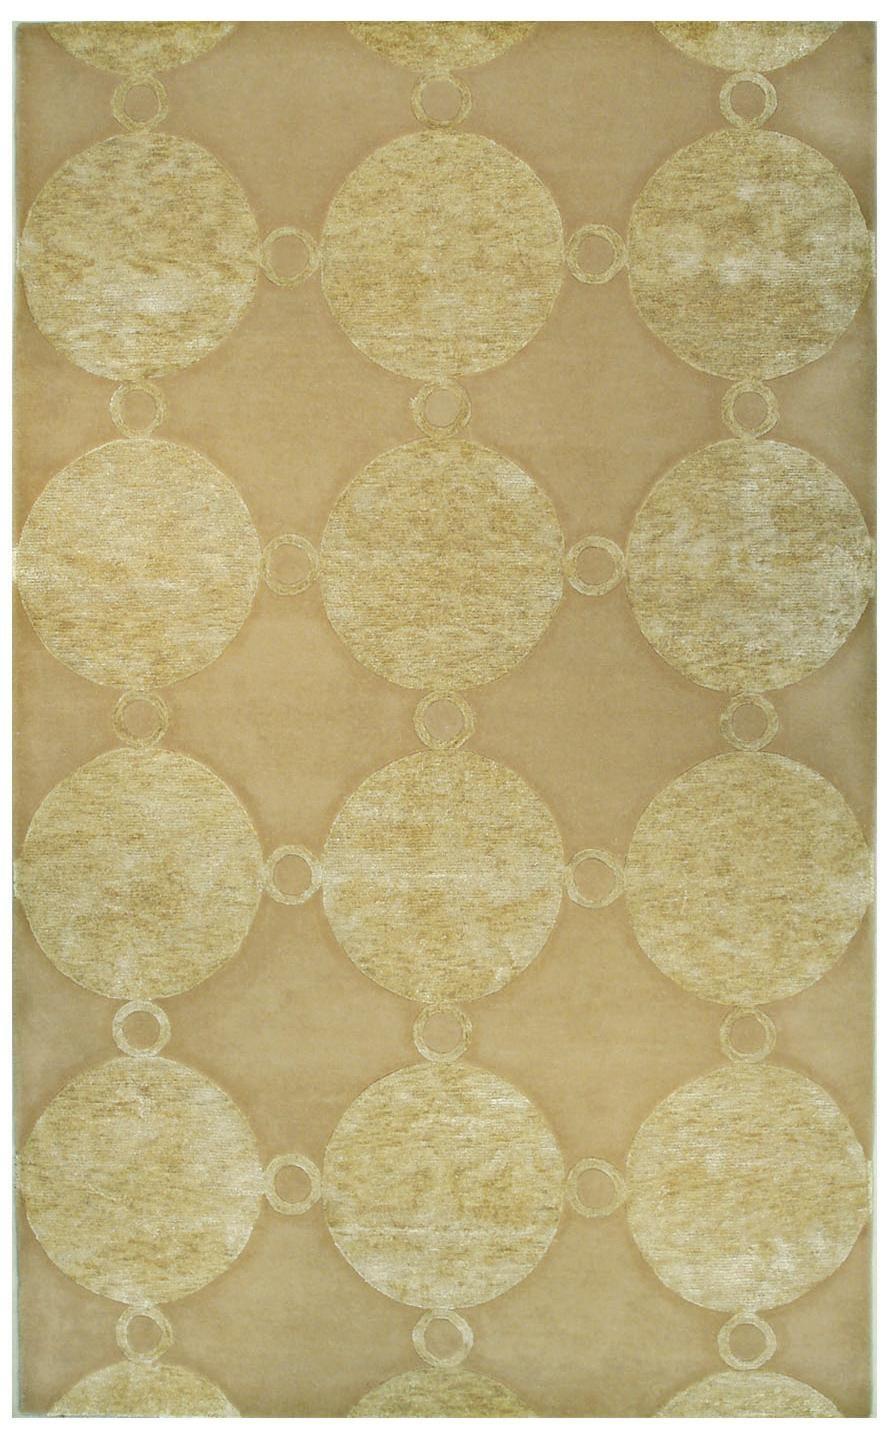 Walt Disney Signature Gold Marceline Rug J9346 Lamps